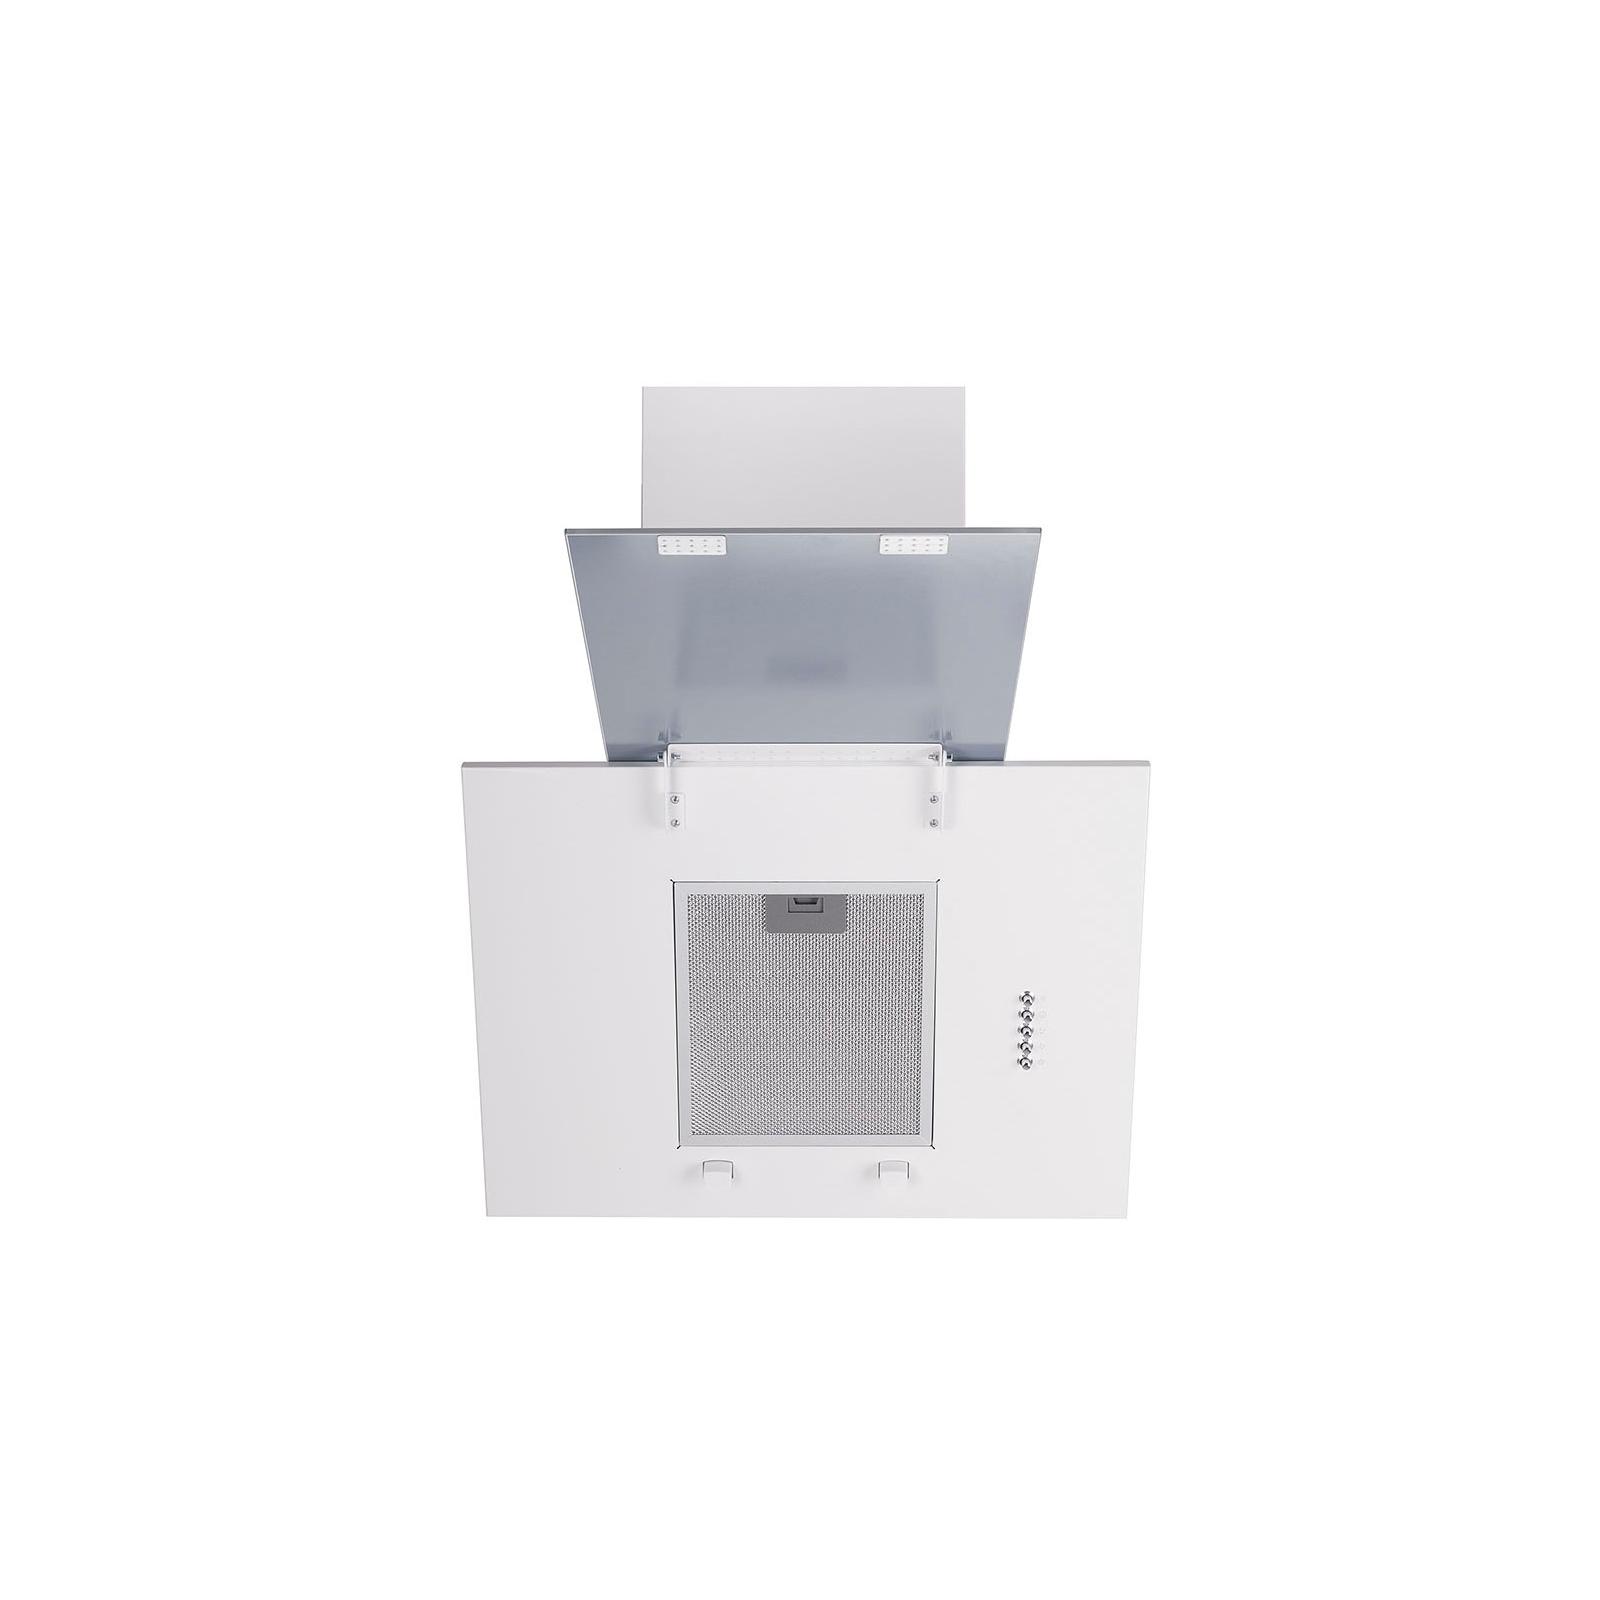 Вытяжка кухонная PYRAMIDA NR-MV 60 M WH изображение 3